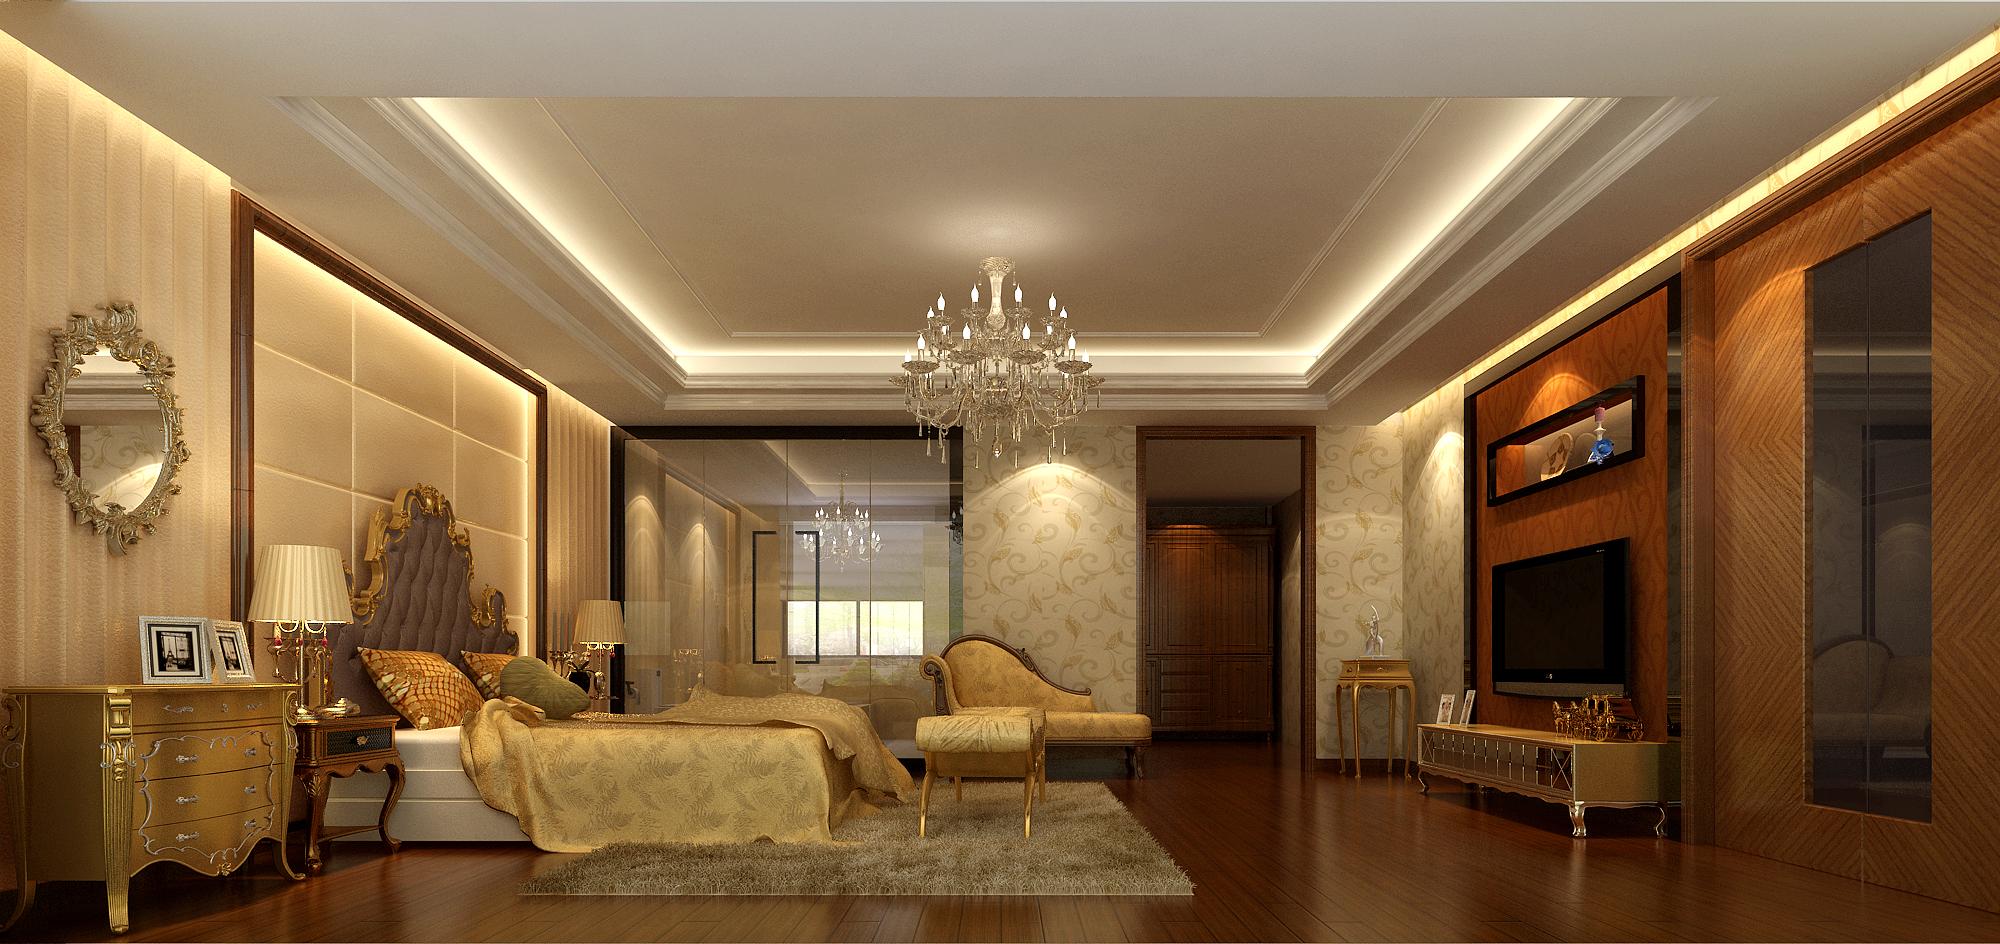 欧式 混搭 卧室图片来自孔一程在凤凰城别墅的分享